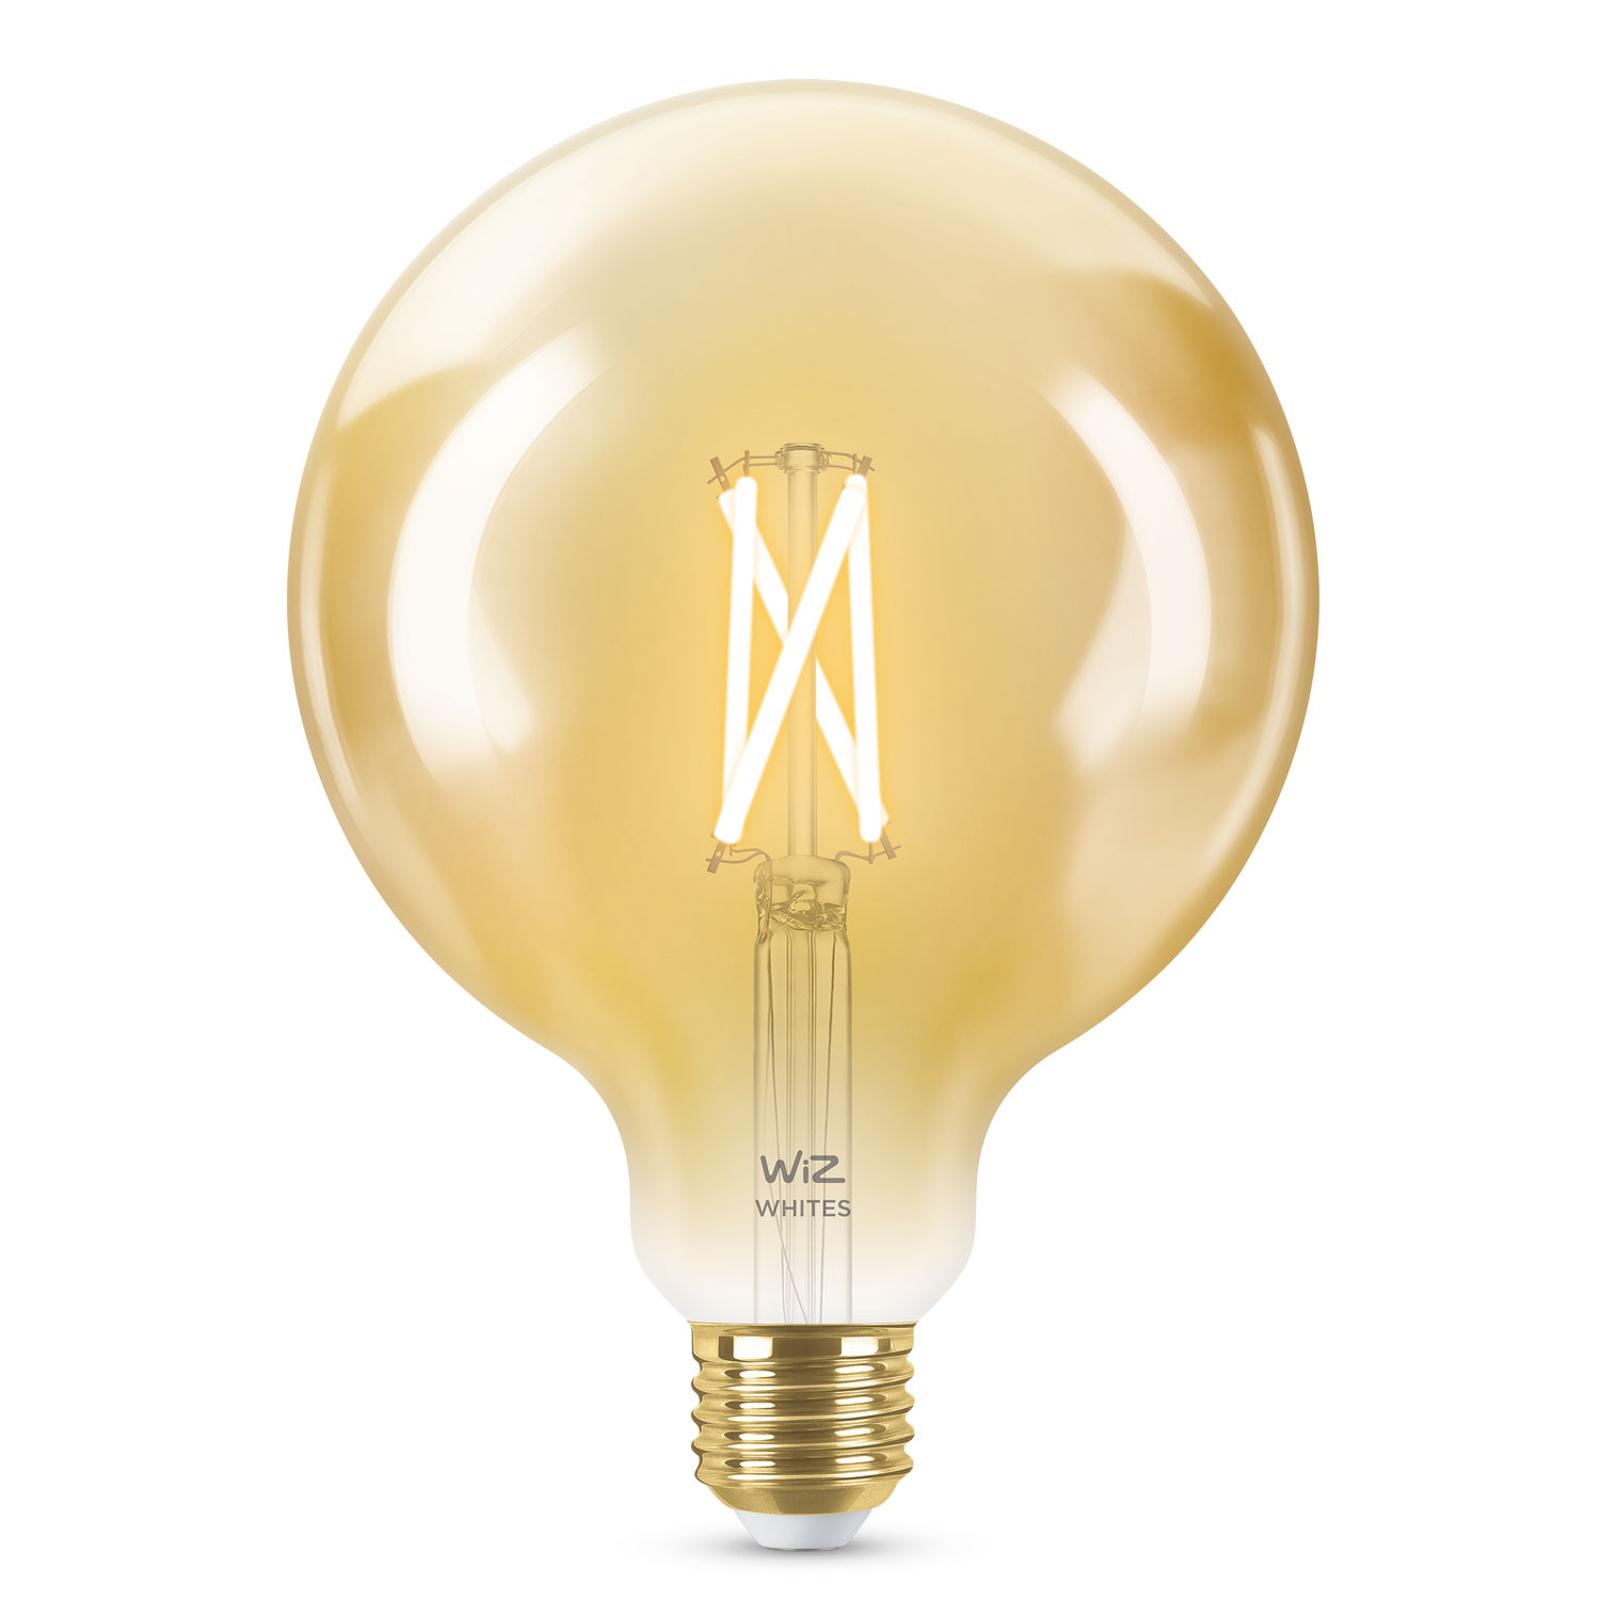 WiZ E27 LED G95 filamenti ambra 6,5W 2.000-4.500K